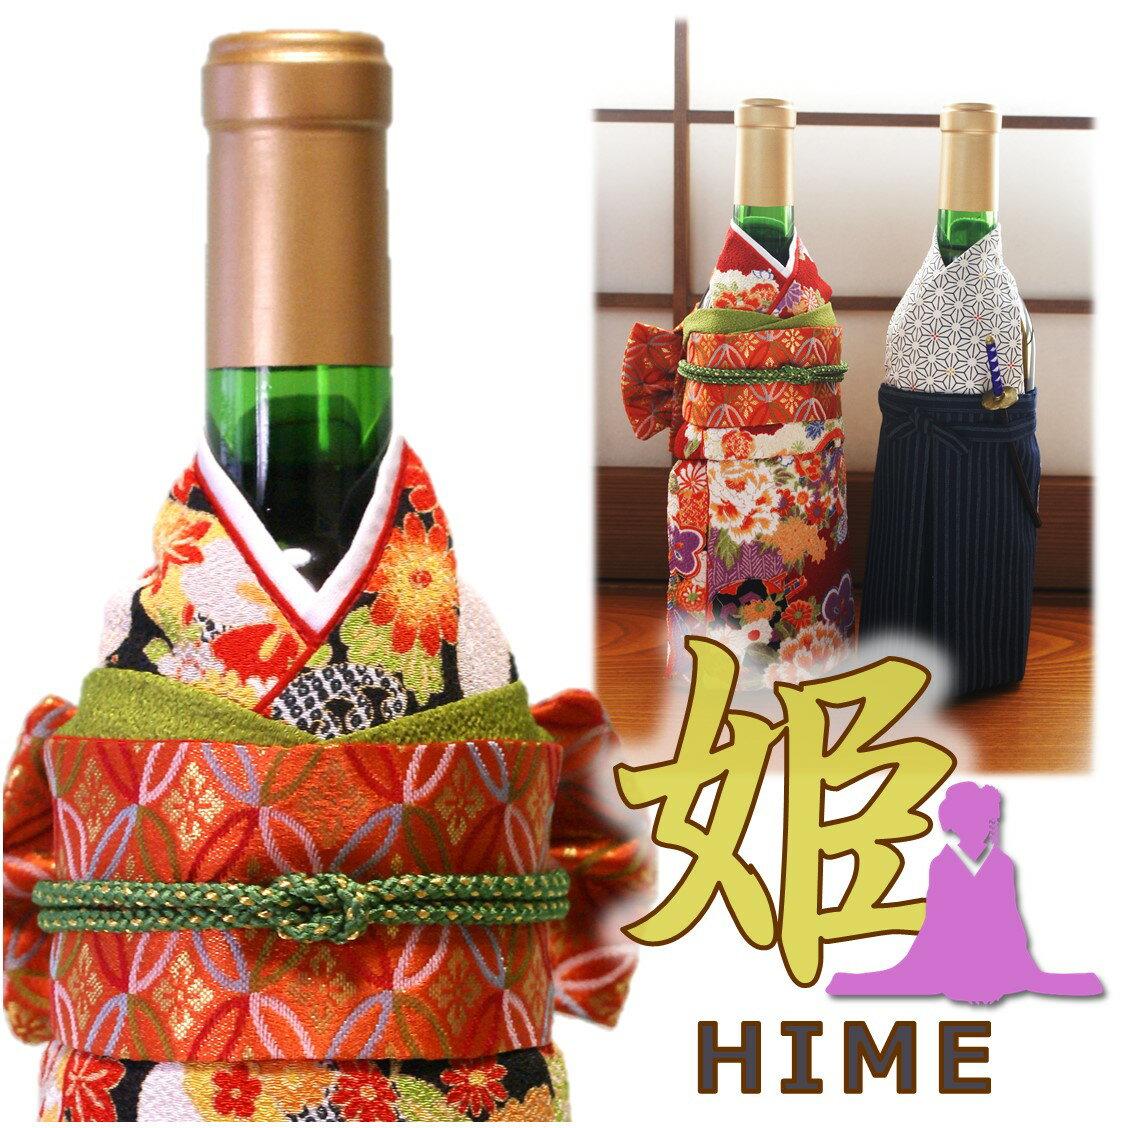 【 日本土産 ワイン ギフト 】 外国人に人気 ★ 着物ボトルウェア 姫 [ 日本 おみやげ ボトルホルダー ボトルカバー ワインボトル 土産 海外 土産 着物 和風 和 インテリア 飾り プレゼント ディスプレイ ディスプレー ]【楽ギフ_包装】